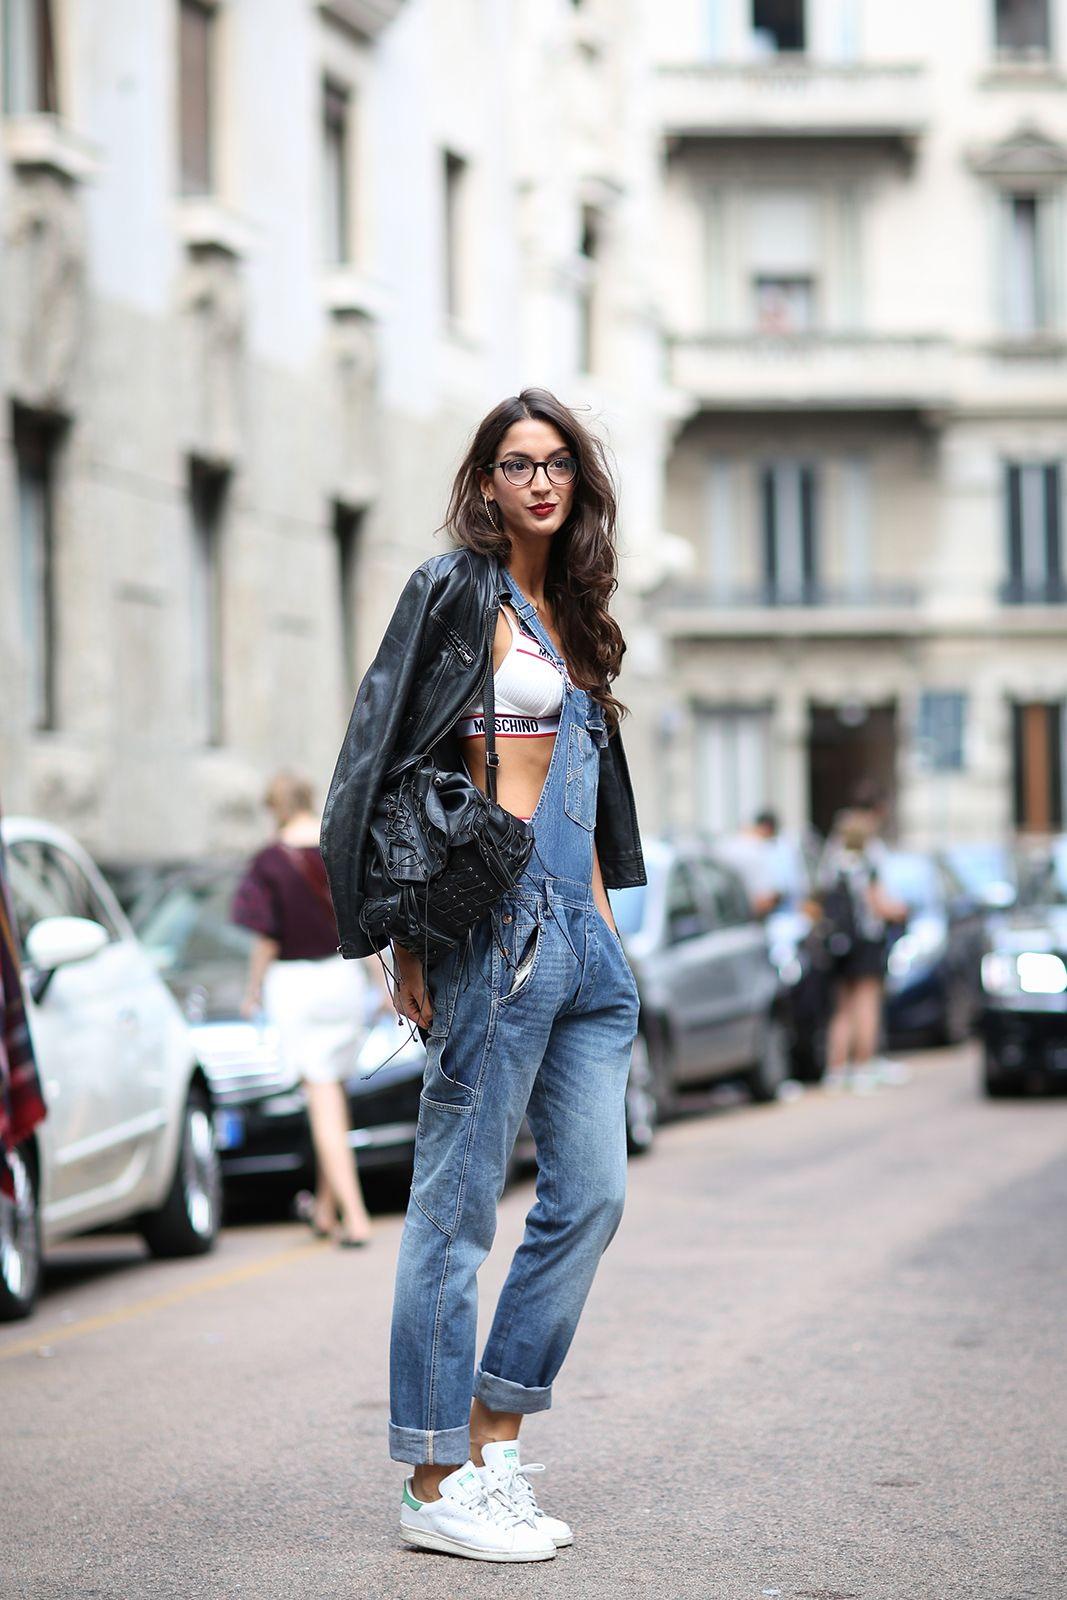 Кеды с джинсовым комбинезоном